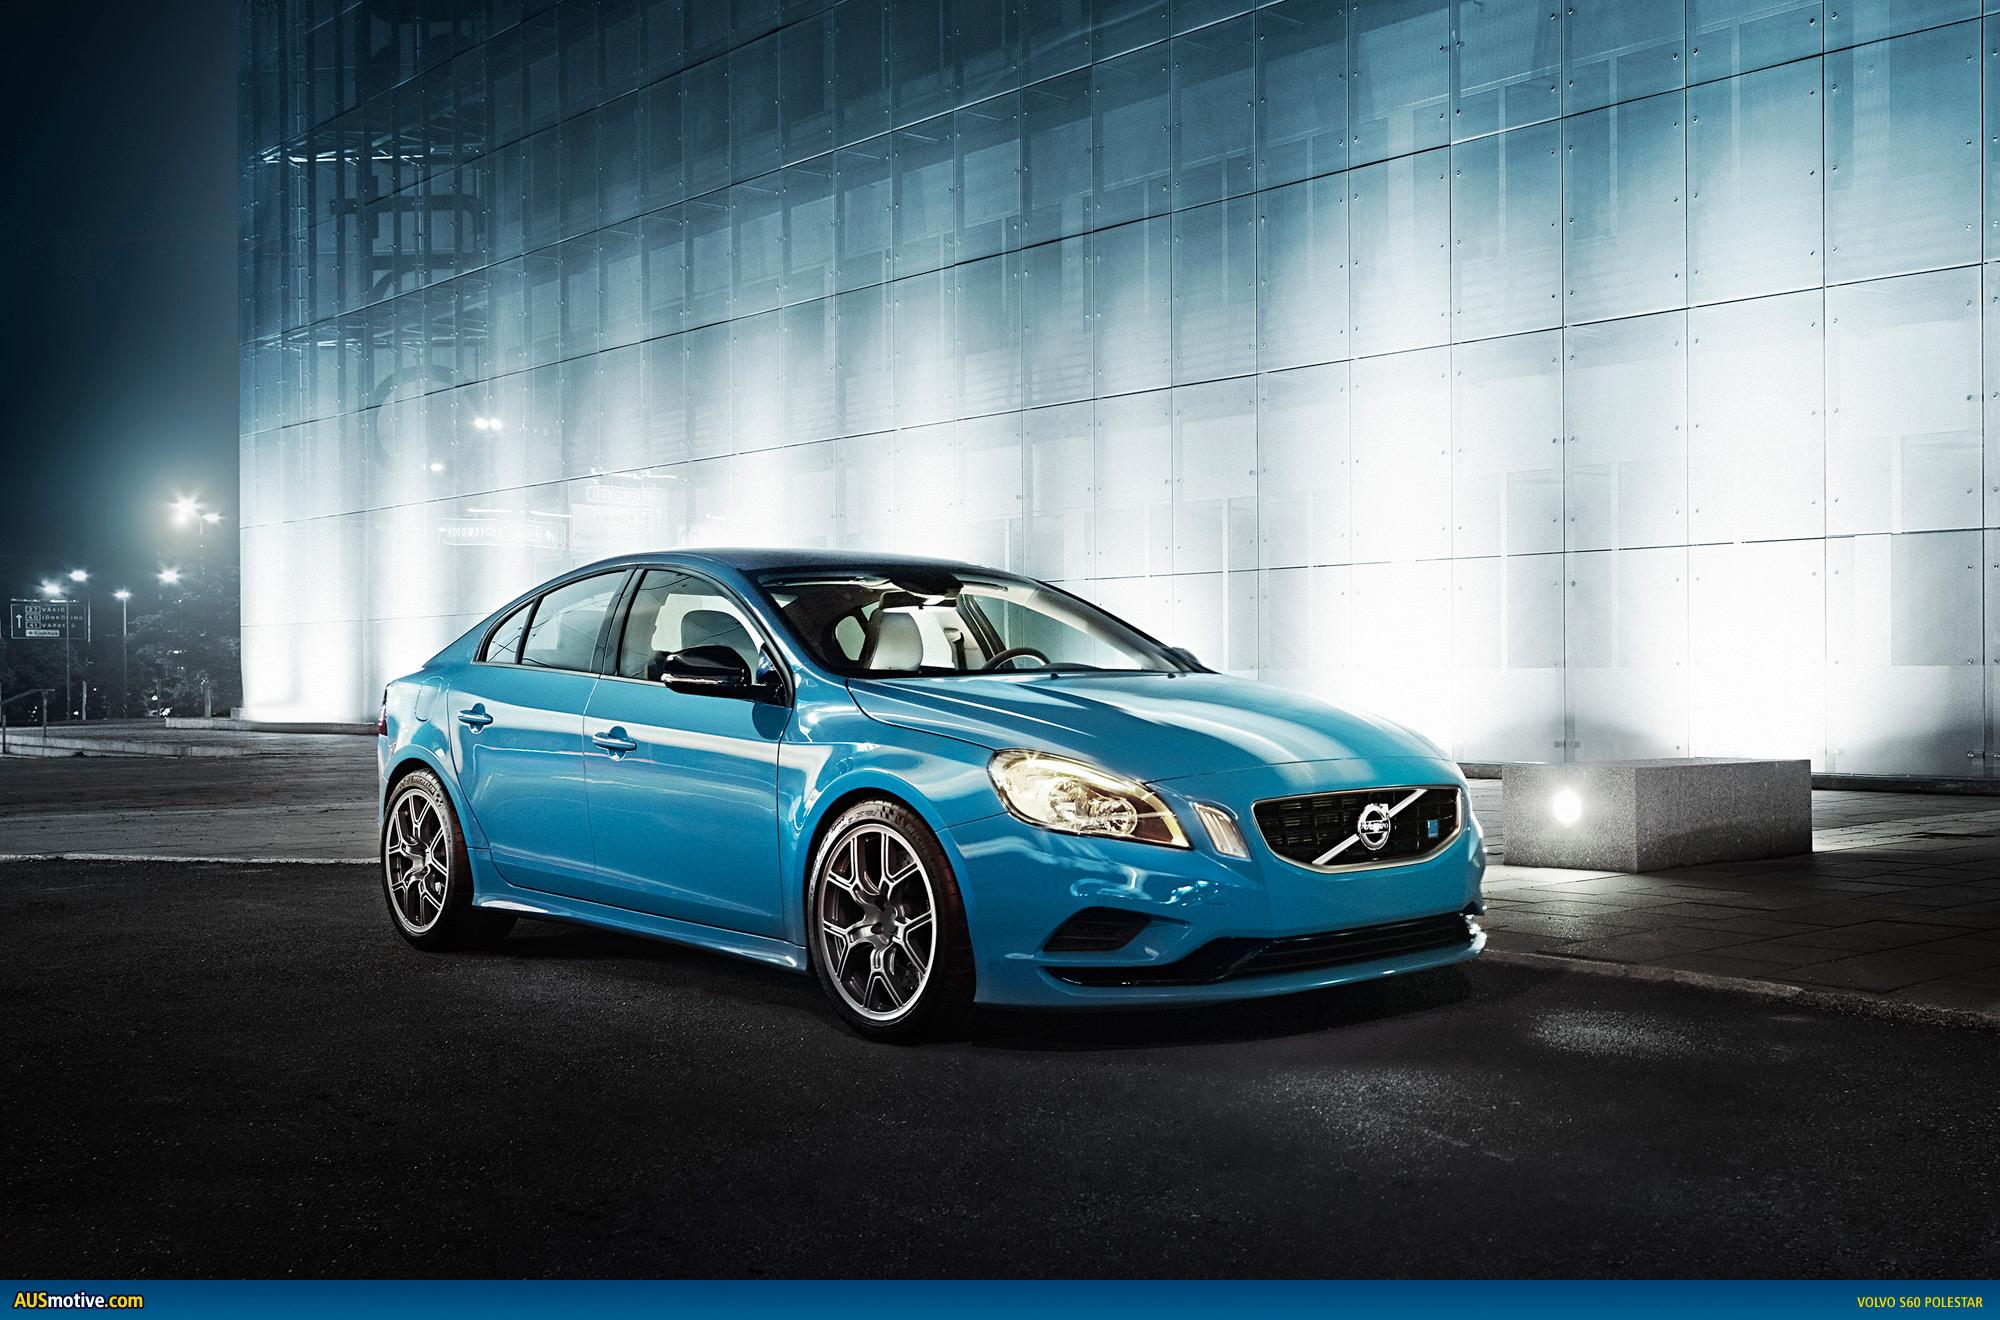 AUSmotive.com » 508hp Volvo S60 Polestar revealed